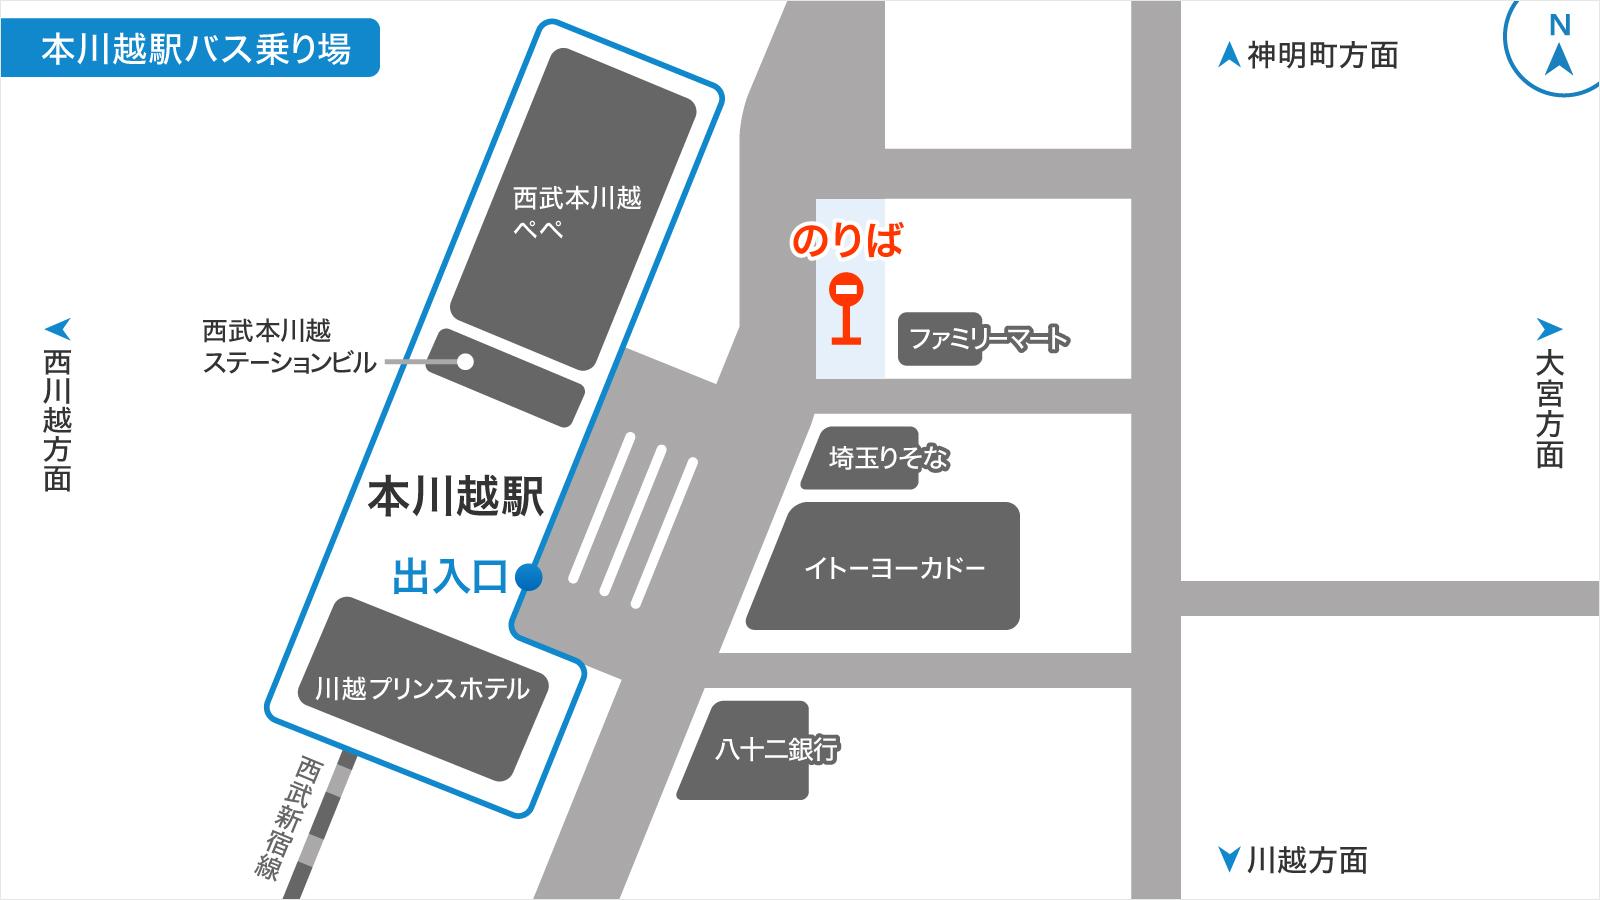 本川越駅バス乗り場の画像